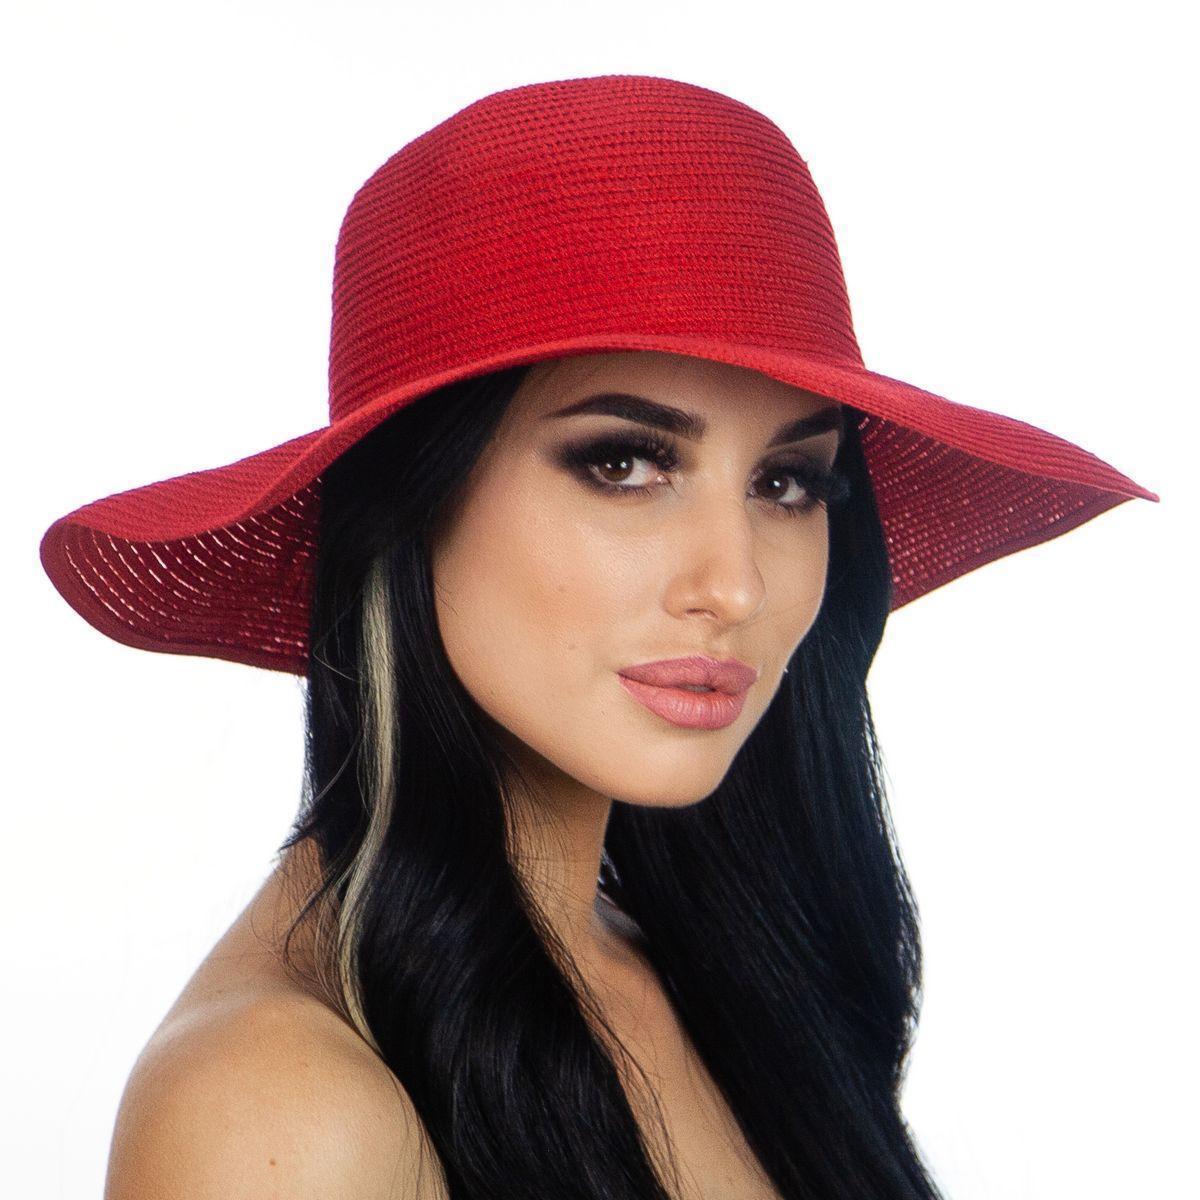 Летняя женская шляпа поля средние 10 см цвет красный